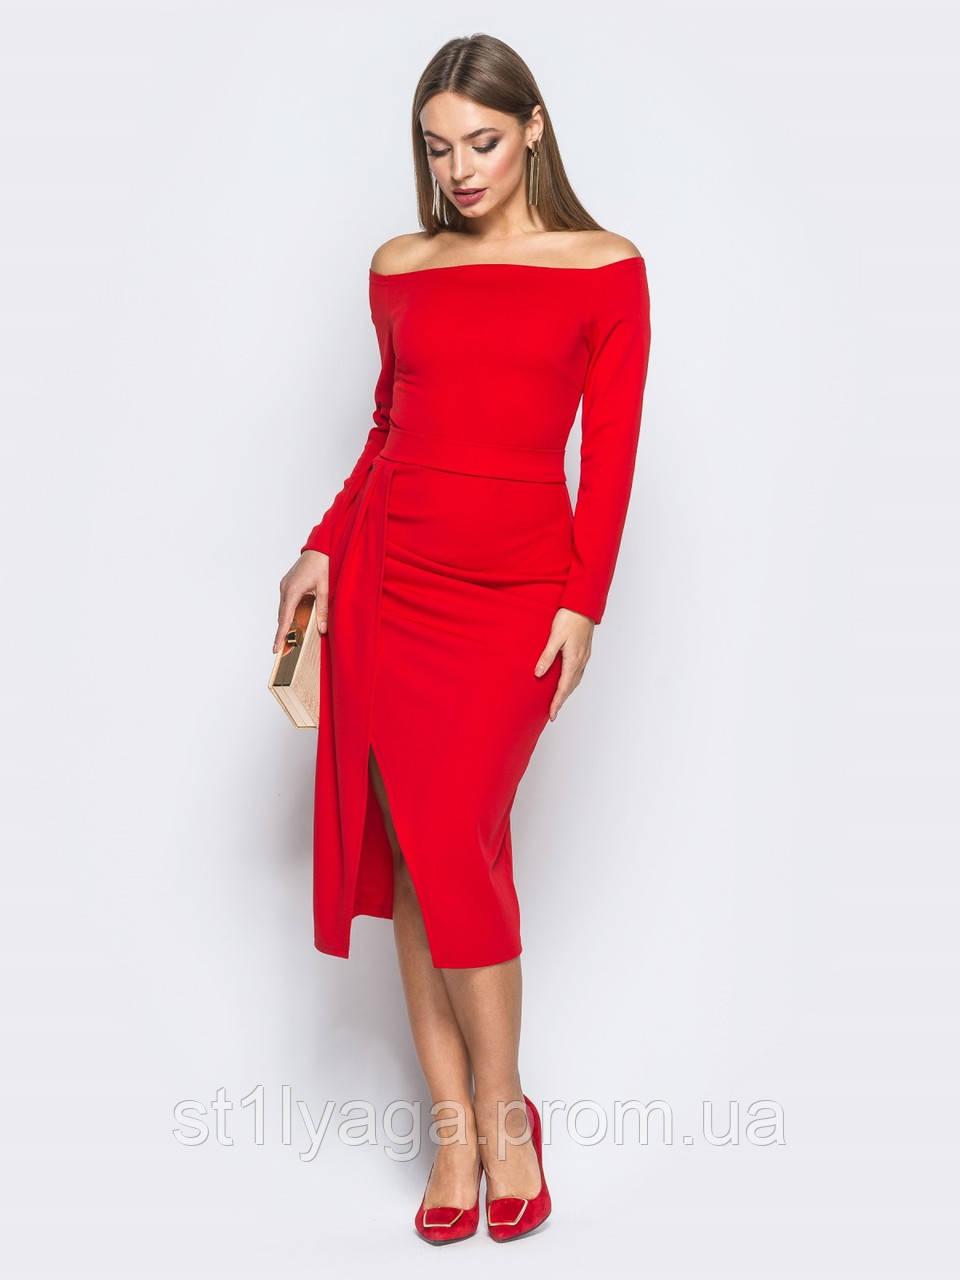 Приталенное платье миди с открытыми плечами и поясом в комплекте красное